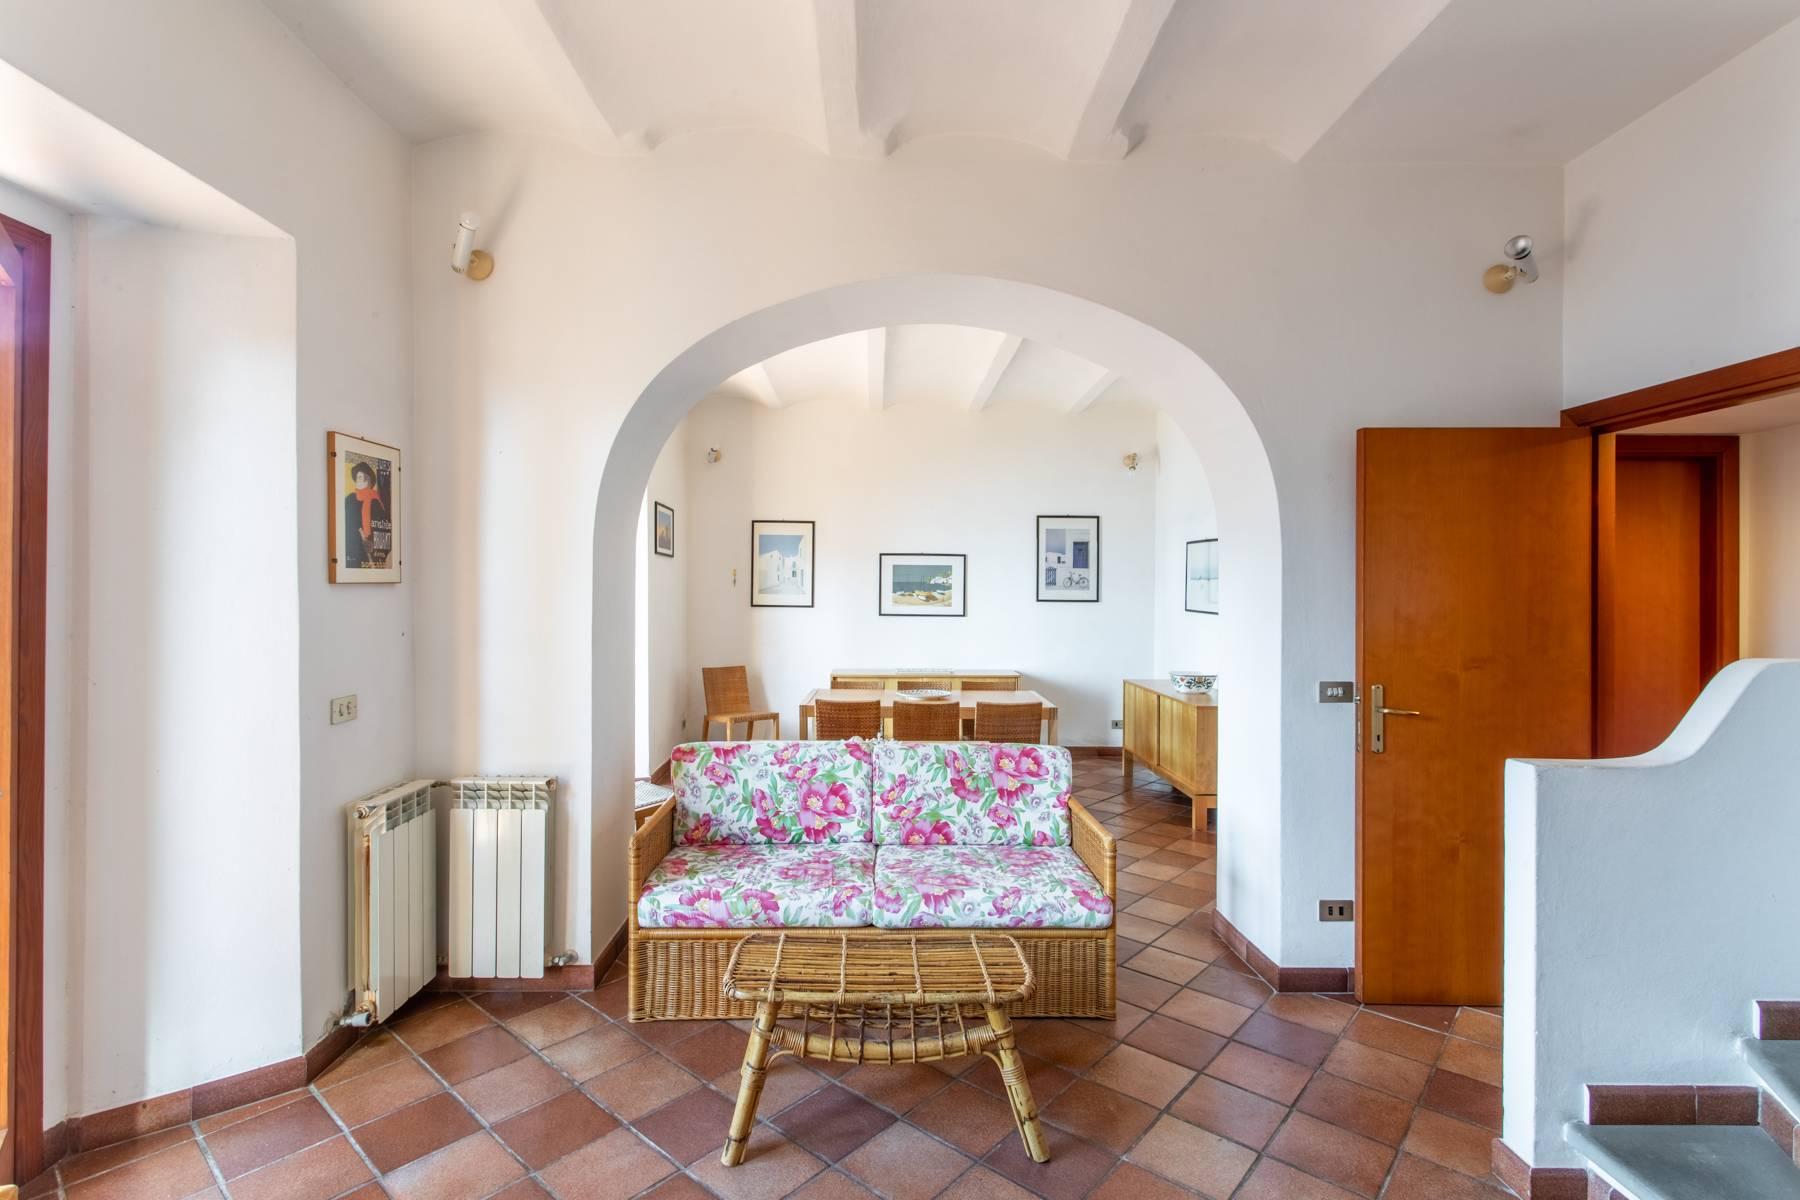 Villa in Vendita a Monte Argentario: 5 locali, 140 mq - Foto 9